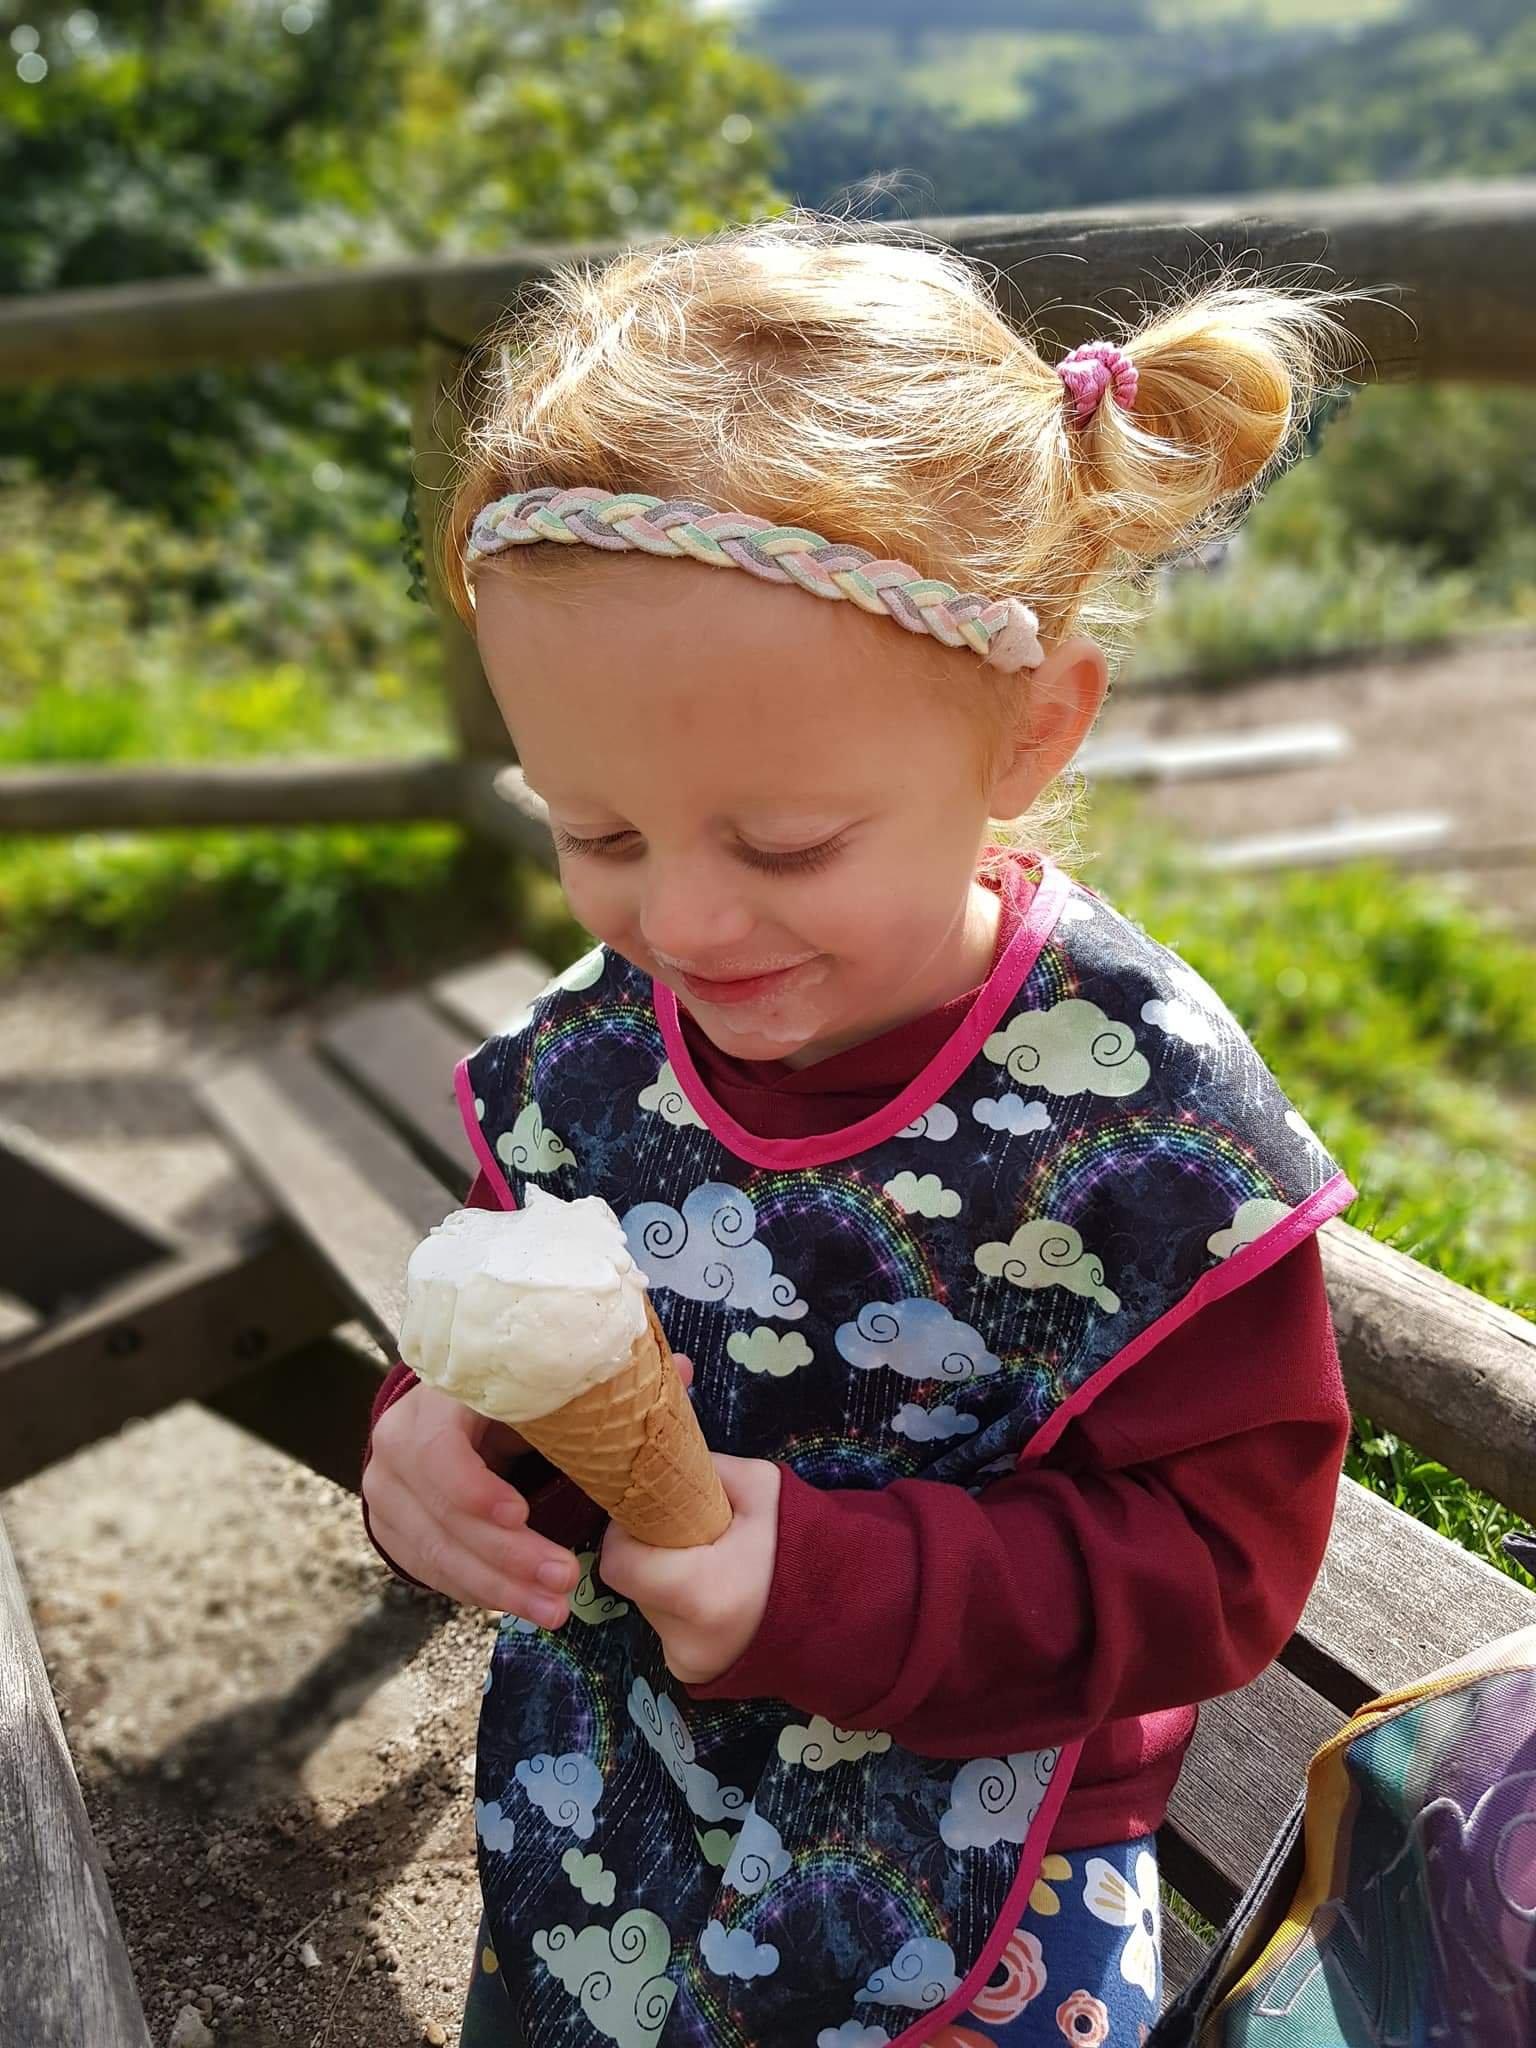 She definitely enjoyed her ice cream